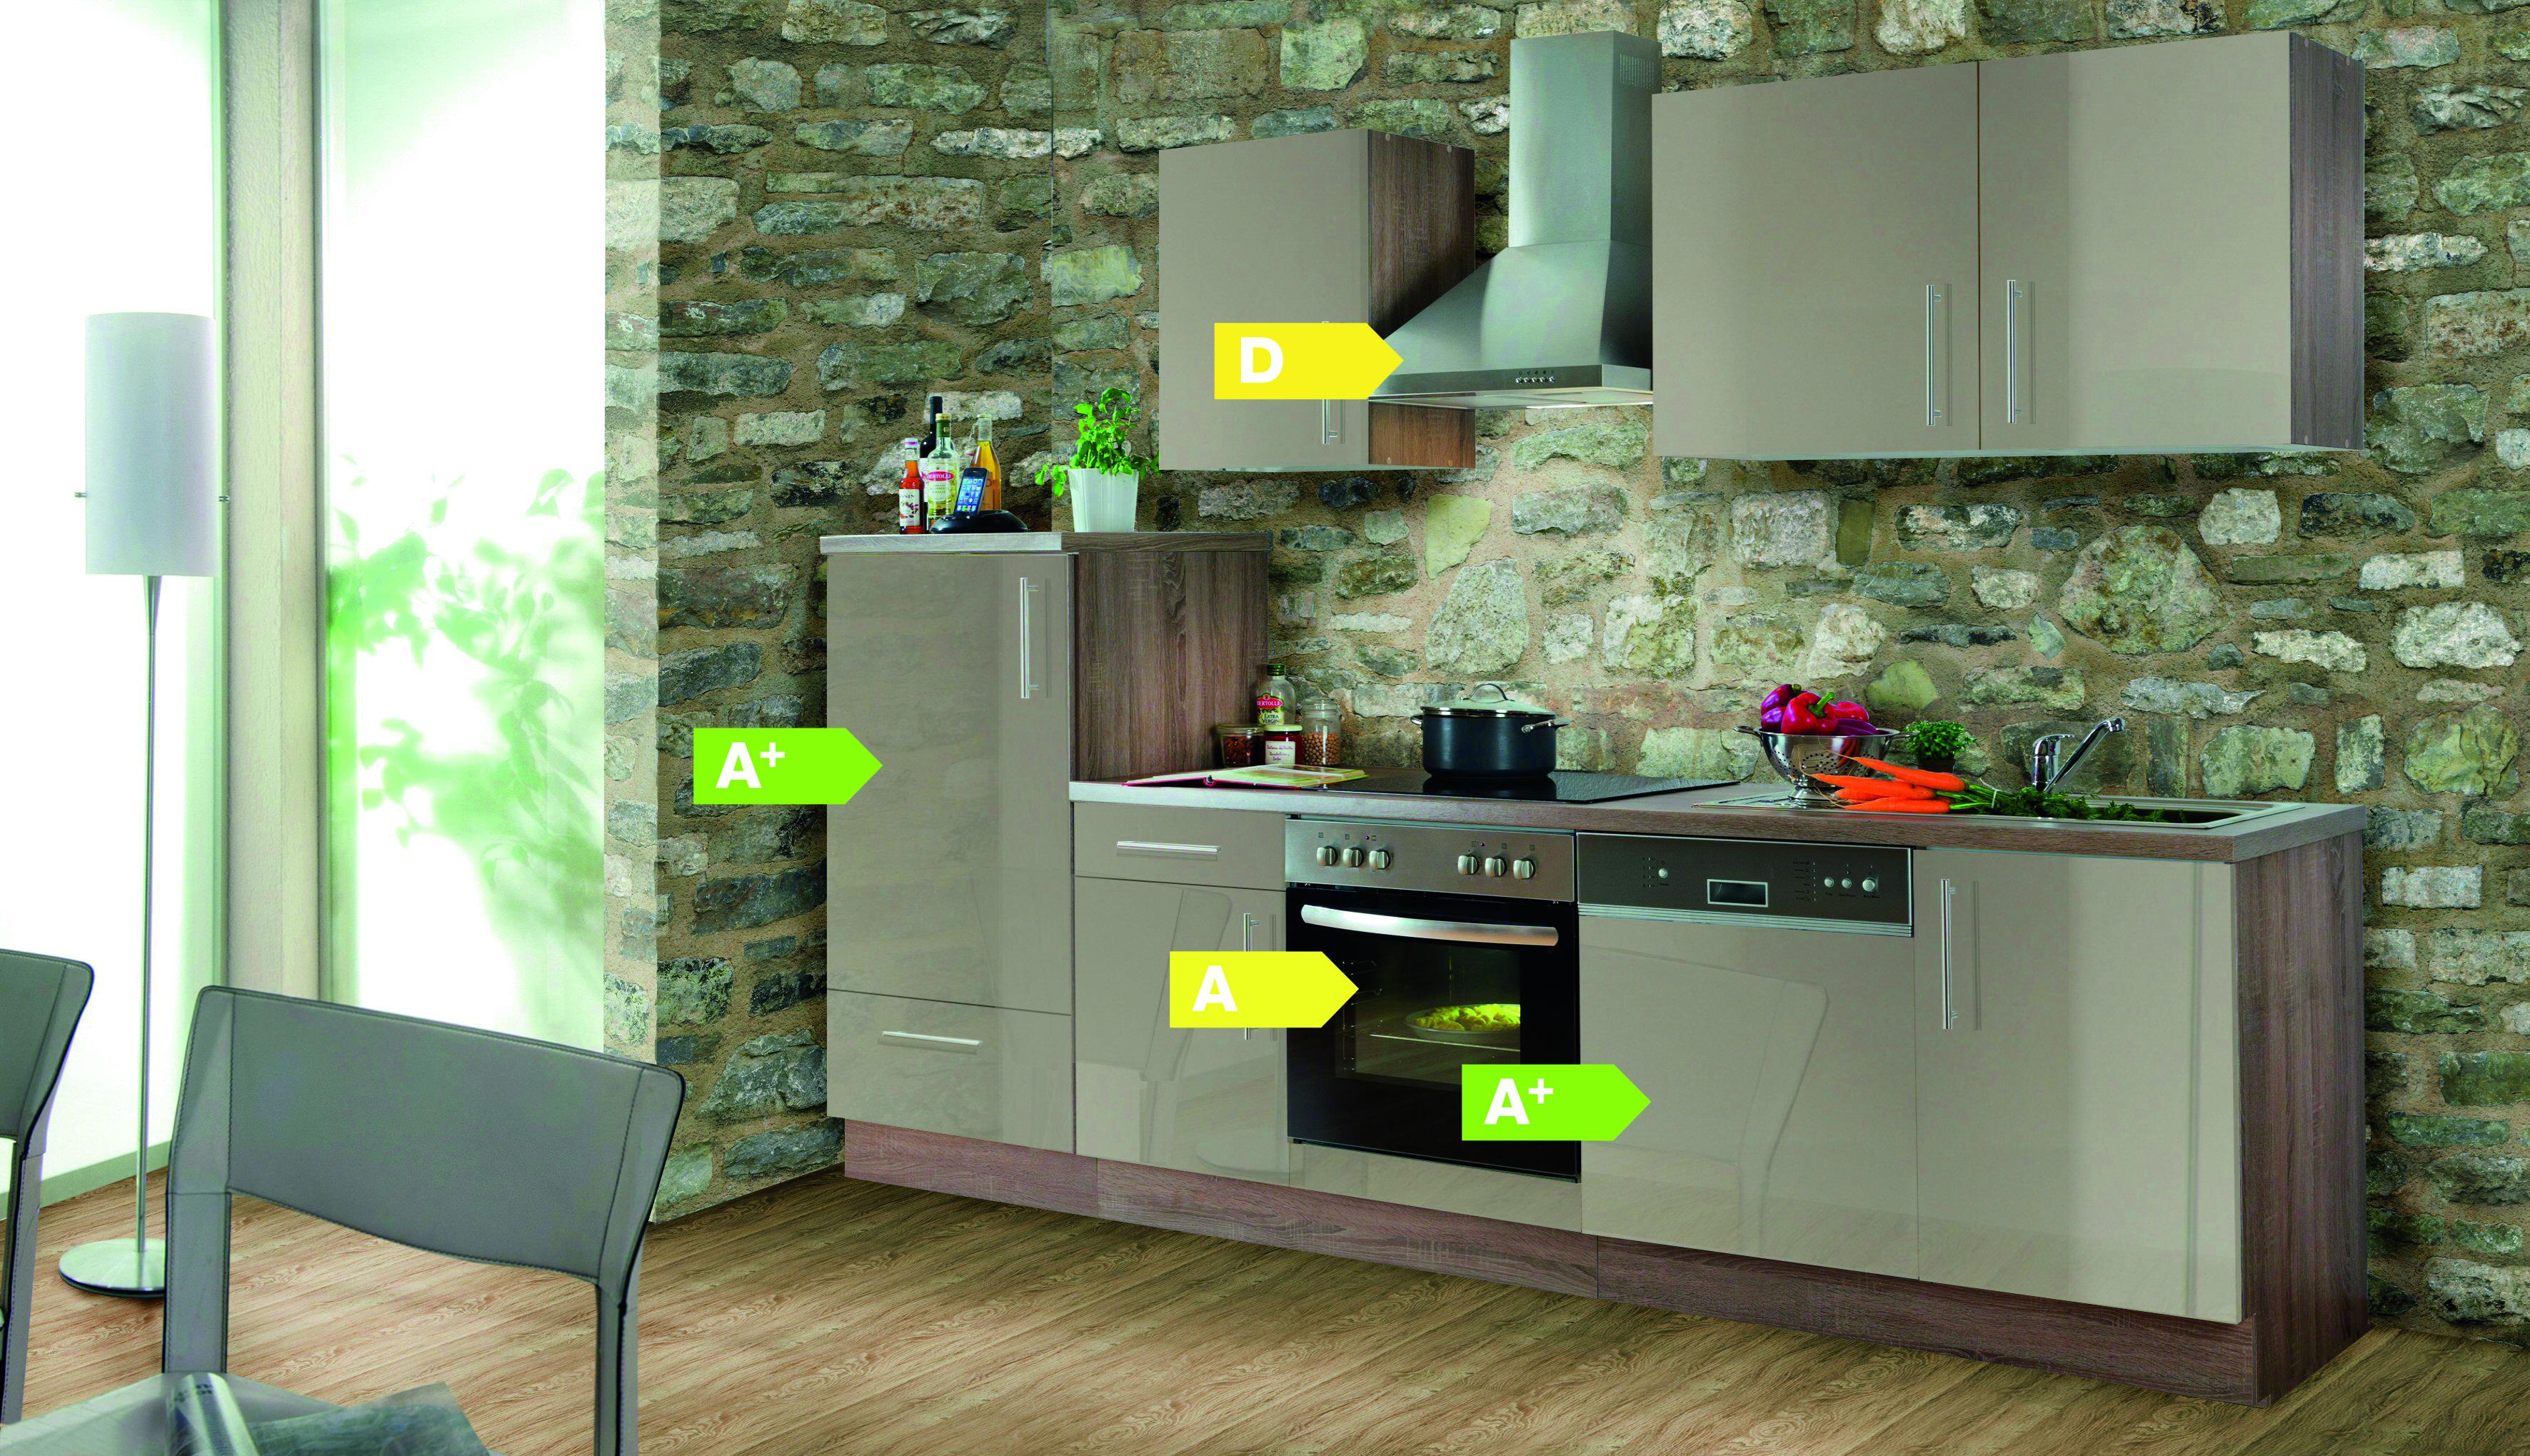 Menke Küchen Küchenzeile Verona 280 cm, Küchenblock, Küche ...